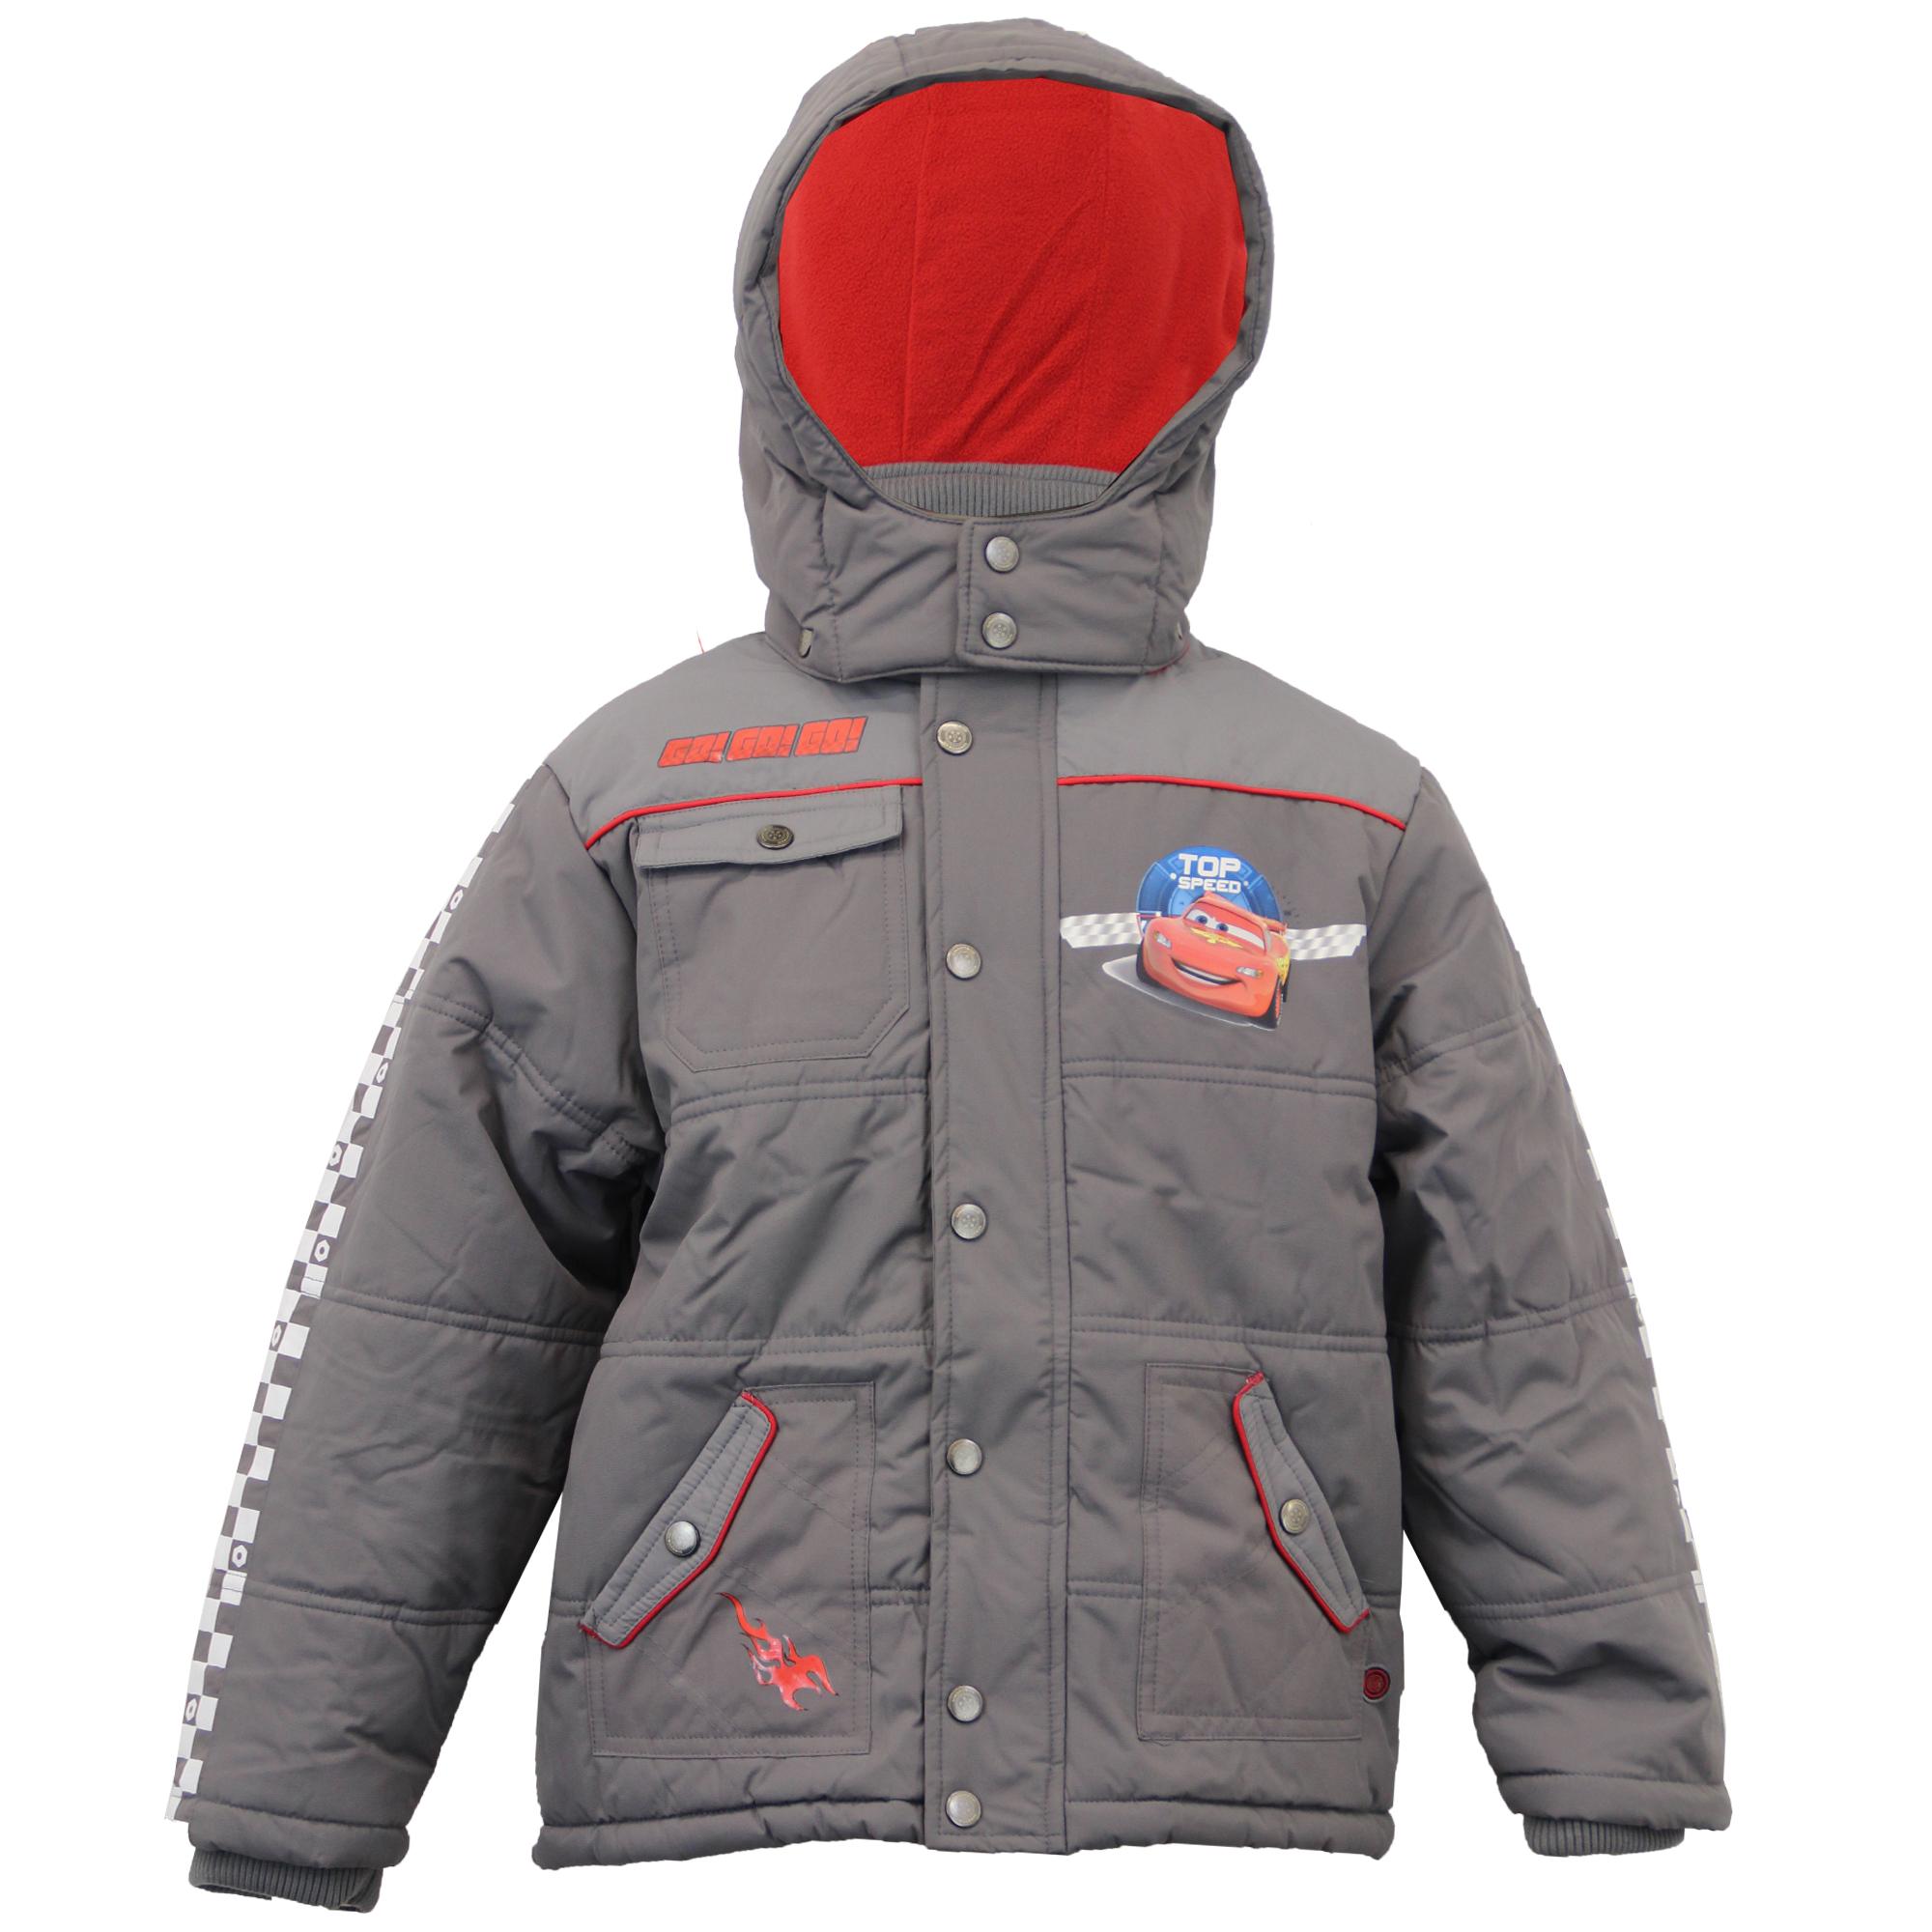 Boys Batman Jackets Kids Coat Hooded Padded Fleece Lined Fashion Casual Winter | EBay